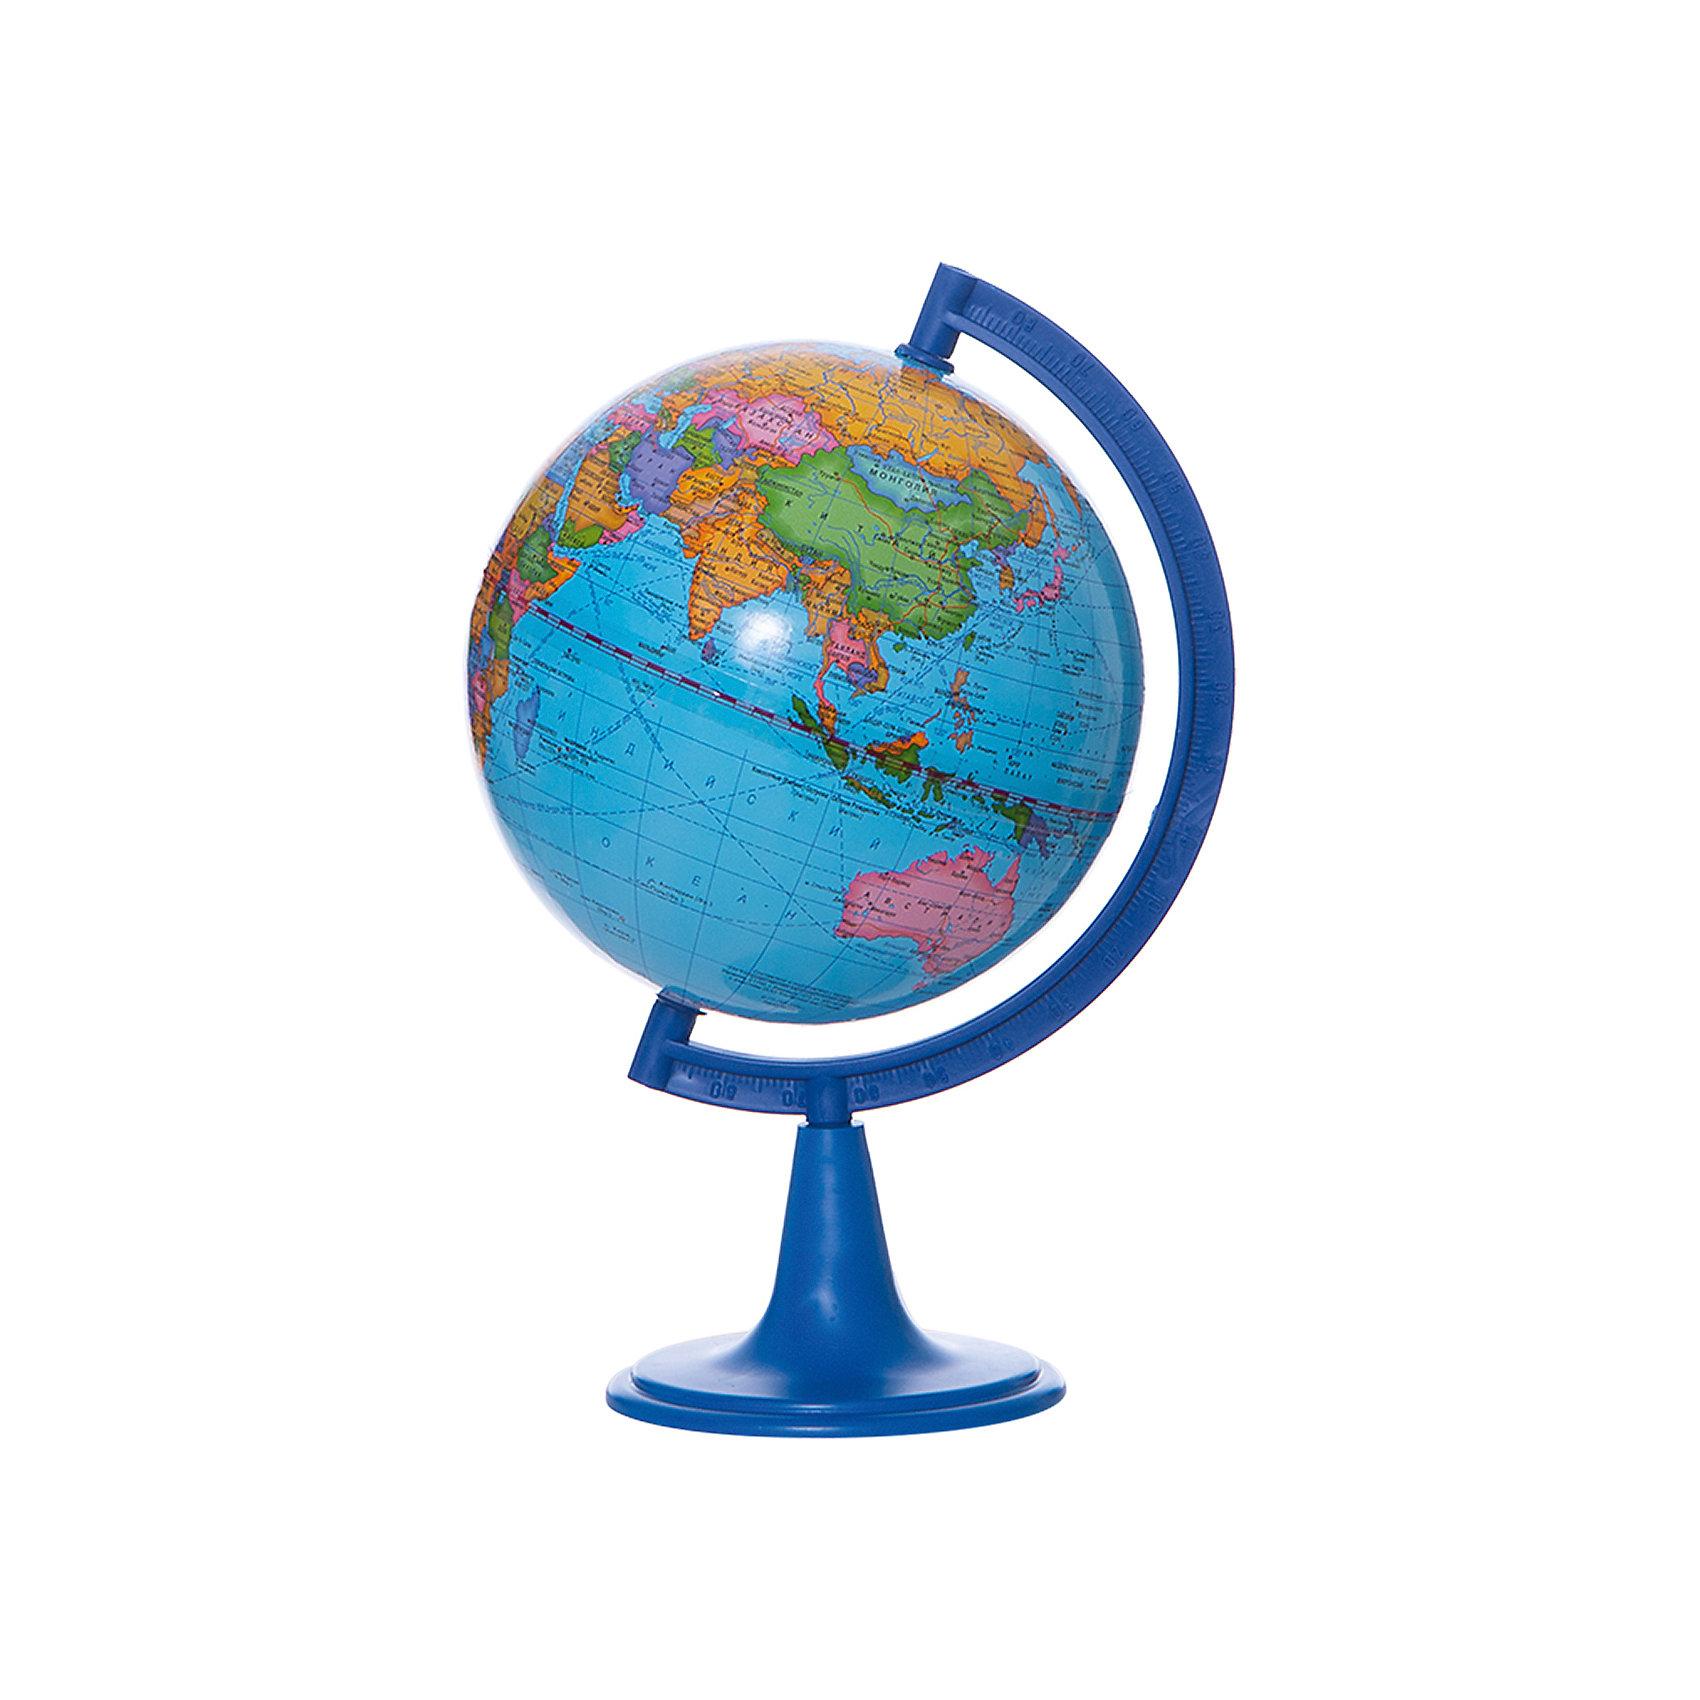 Глобус Земли политический, диаметр 150 ммГлобусы<br>Характеристики товара:<br><br>• возраст от 6 лет;<br>• материал: пластик;<br>• цвет подставки: чёрный<br>• диаметр глобуса 150 мм;<br>• масштаб 1:84000000;<br>• размер упаковки 25х16х16 см;<br>• вес упаковки 450 гр.;<br>• страна производитель: Россия.<br><br>Глобус Земли политический, 150 мм Глобусный мир — уменьшенная копия нашей планеты. Глобус станет отличным дополнением при изучении географии для школьника или студента. Он представляет собой политическую карту мира со странами, их границами, столицами и городами.<br><br>Глобус Земли политический, 150 мм Глобусный мир можно приобрести в нашем интернет-магазине.<br><br>Ширина мм: 160<br>Глубина мм: 160<br>Высота мм: 250<br>Вес г: 450<br>Возраст от месяцев: 72<br>Возраст до месяцев: 2147483647<br>Пол: Унисекс<br>Возраст: Детский<br>SKU: 5518221